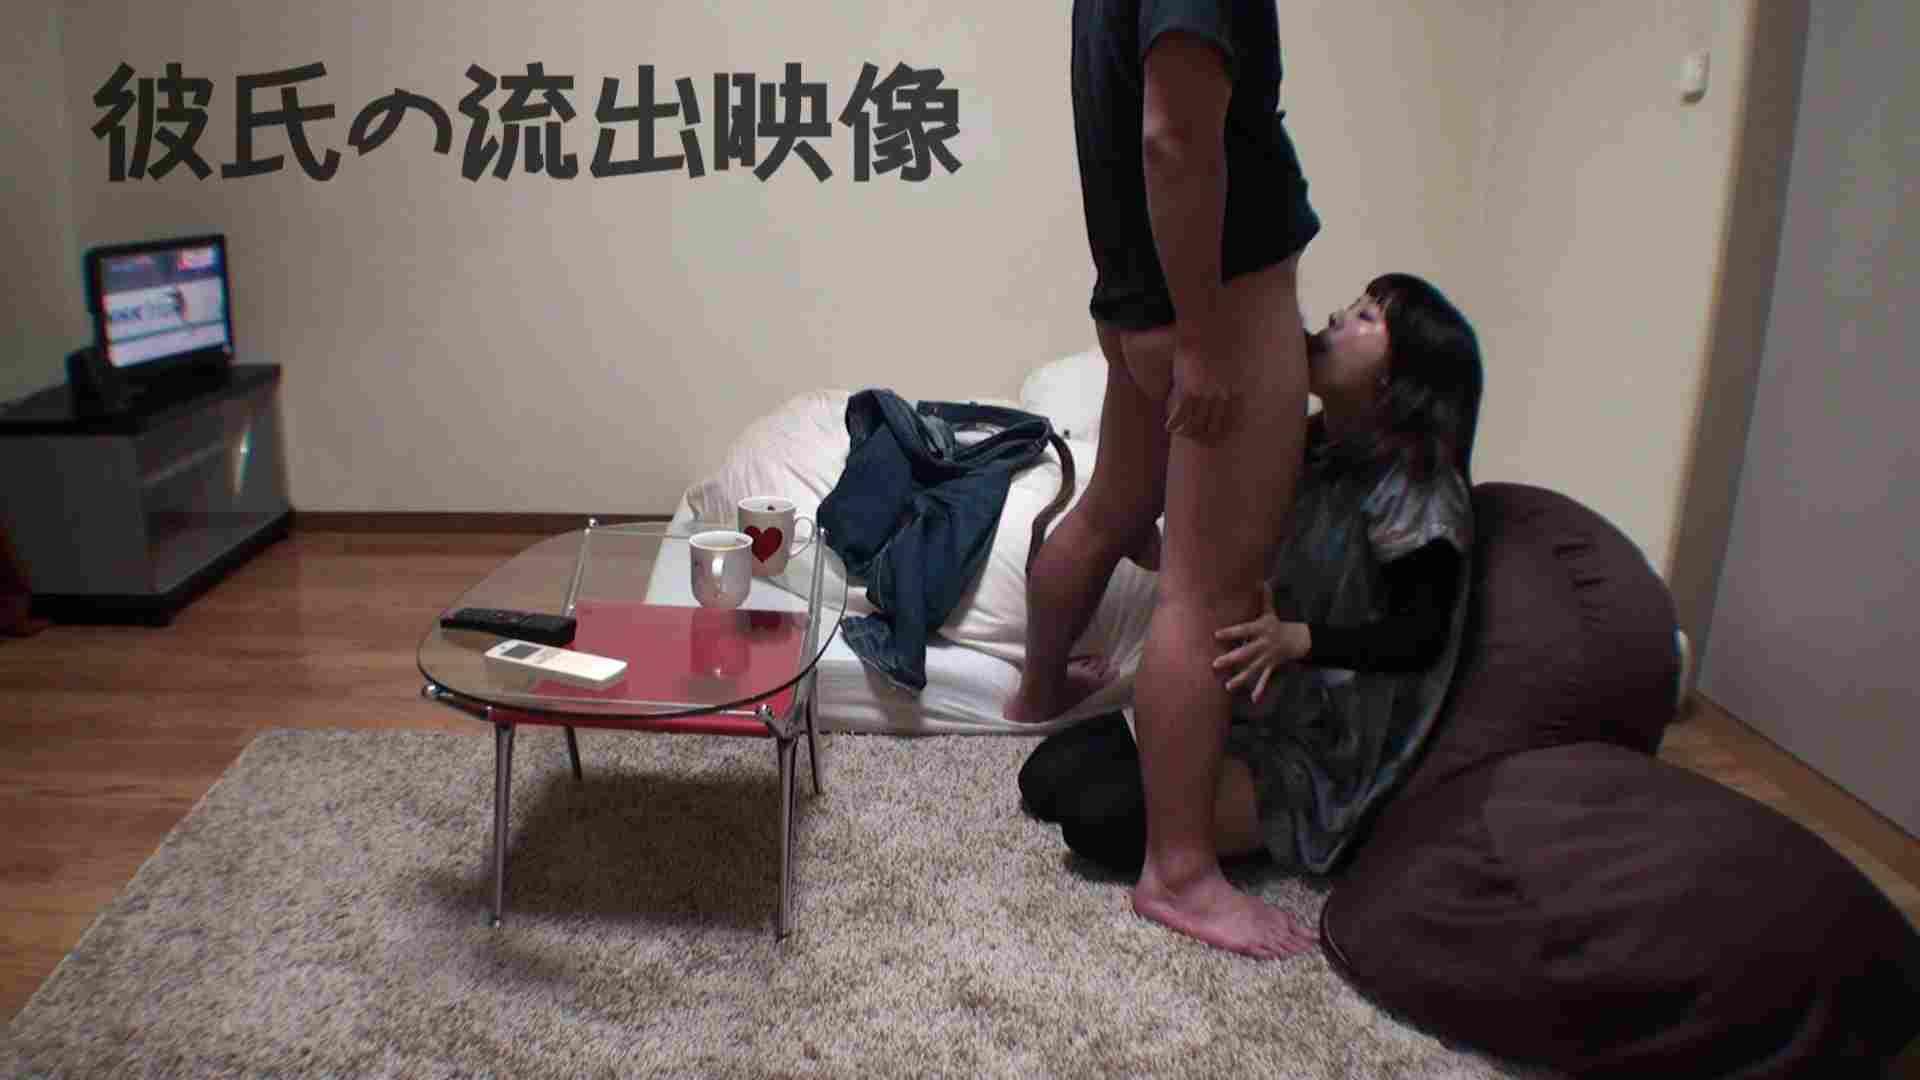 彼氏が流出 パイパン素人嬢のハメ撮り映像02 一般投稿 | ギャル達のSEX  61画像 8